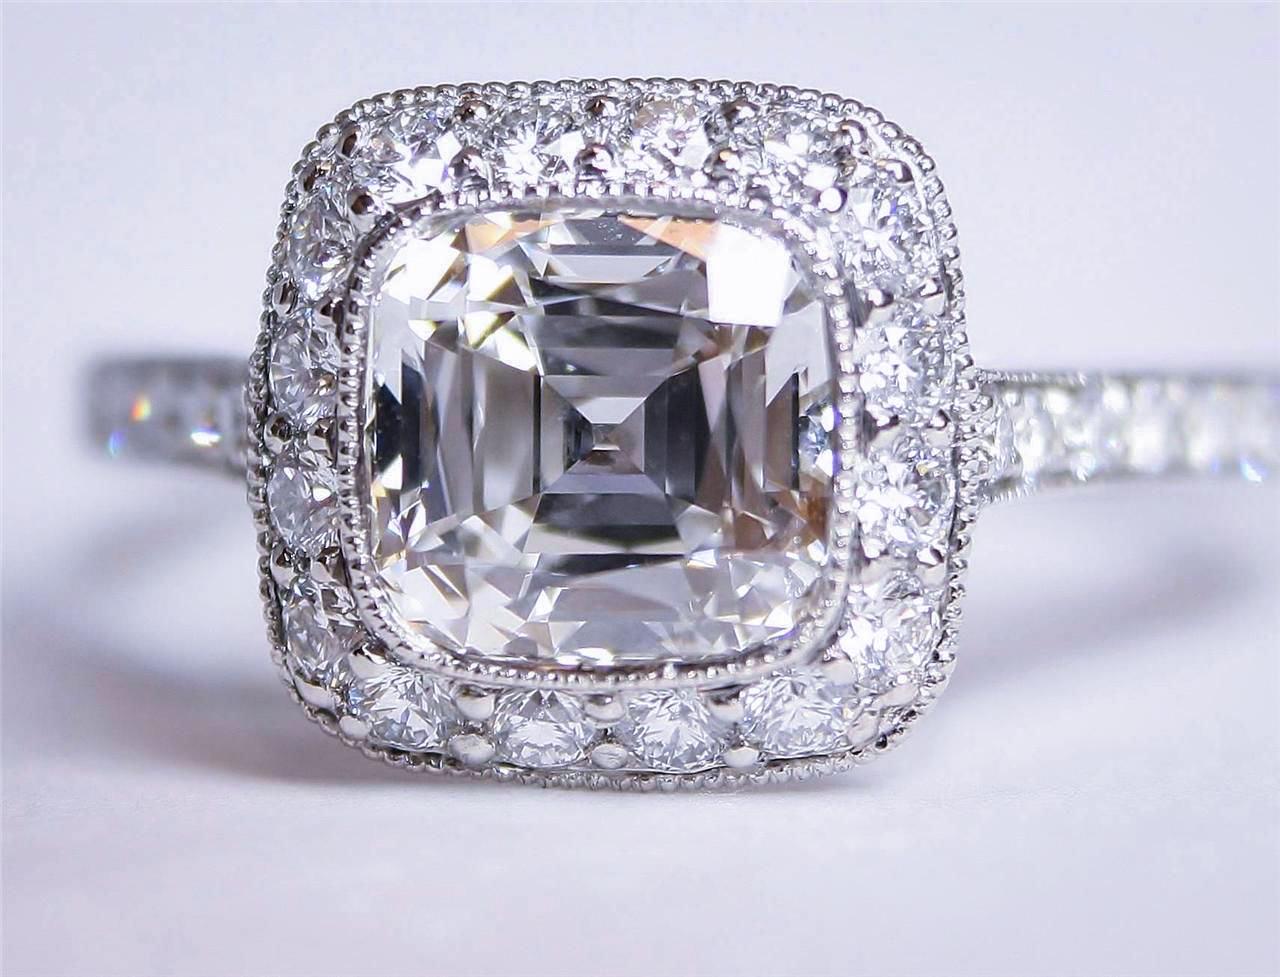 3 Carat Tiffany Diamond Ring